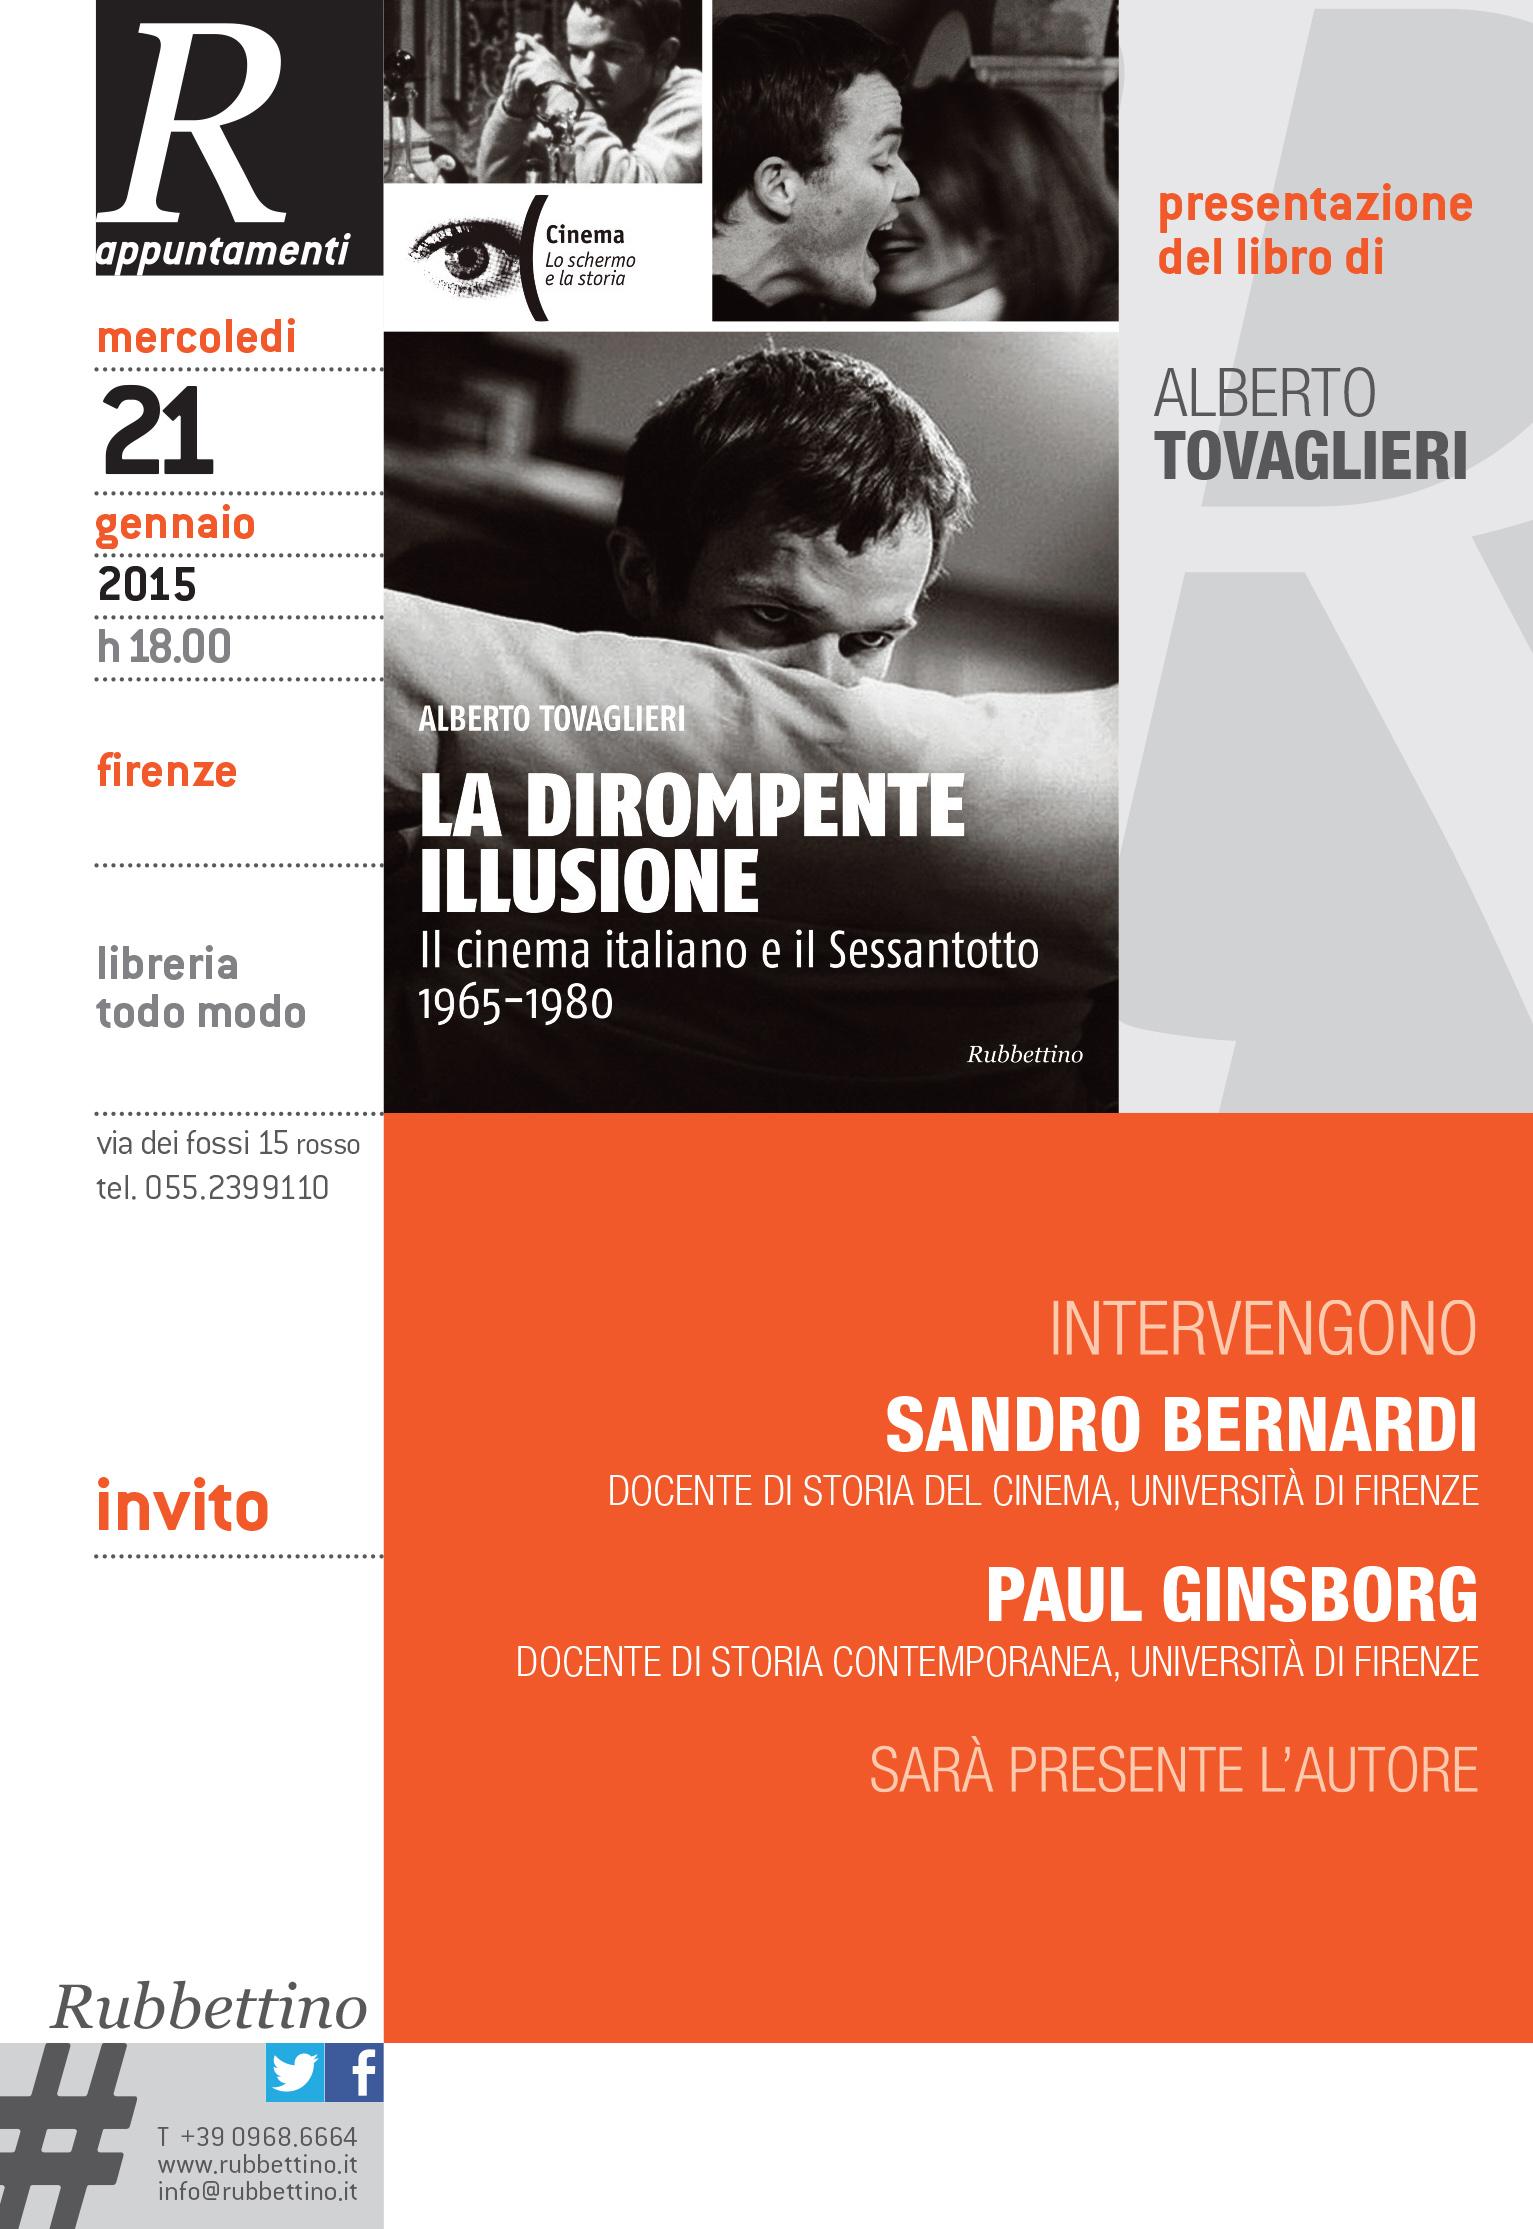 Invito Firenze-2